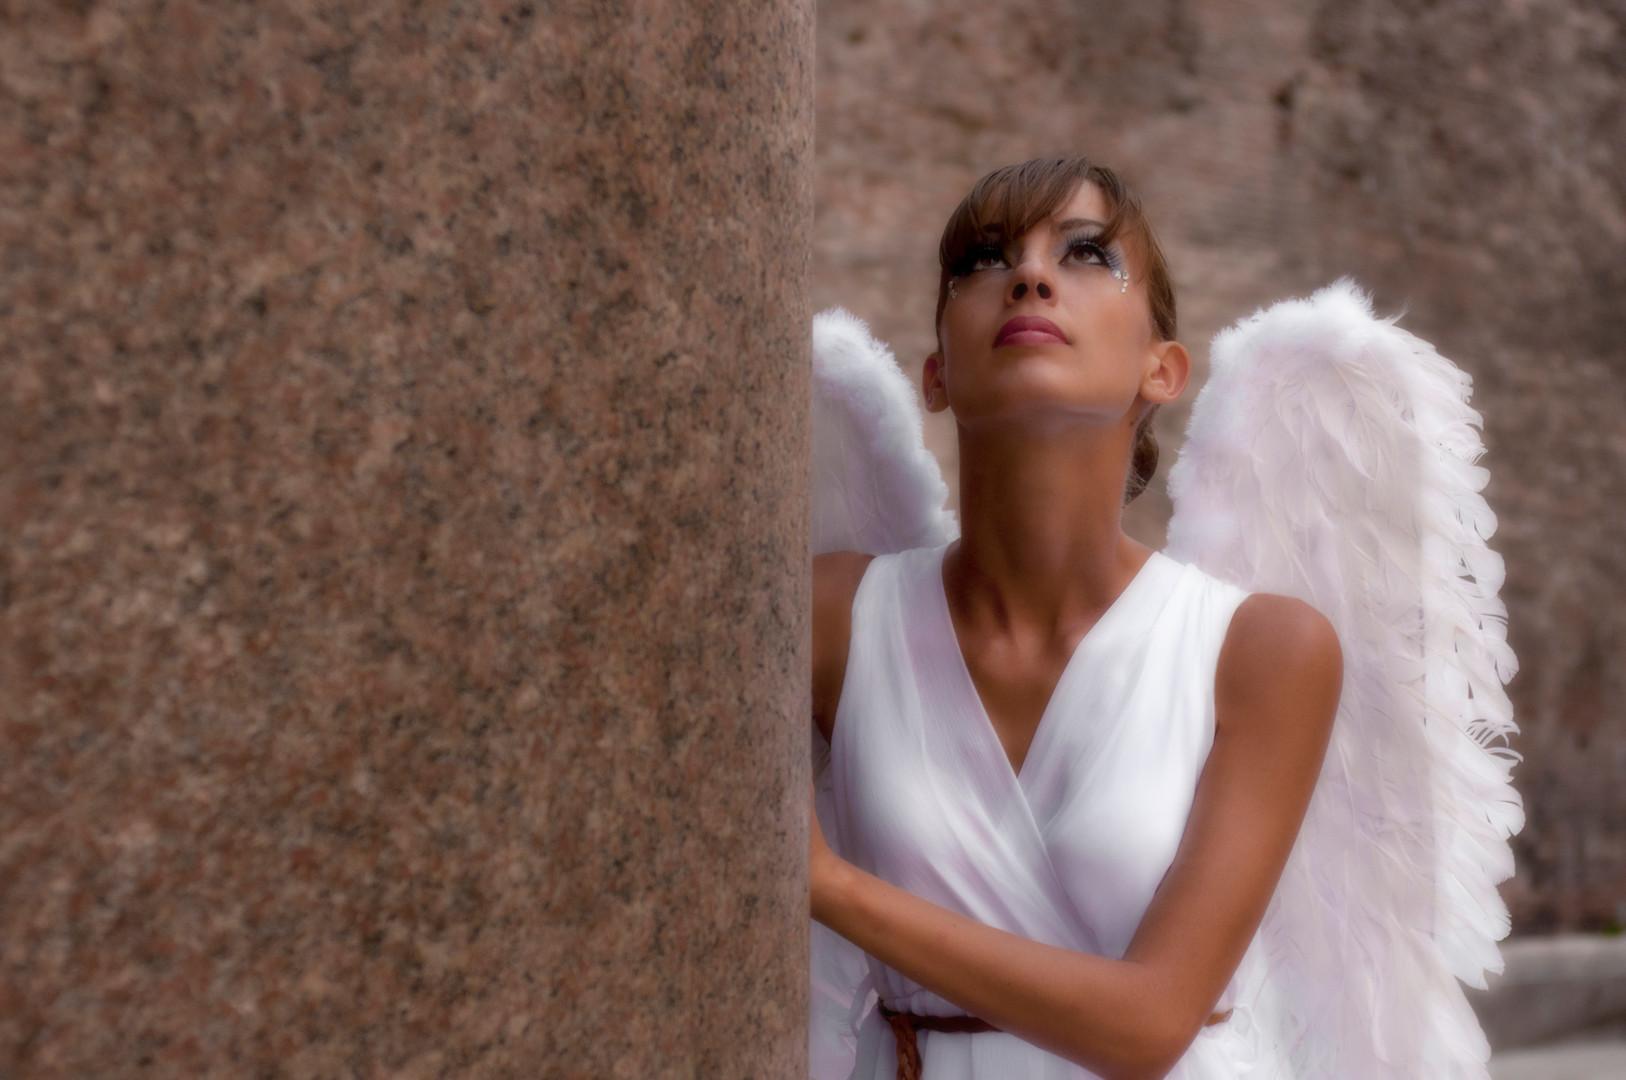 Pantheon Angel